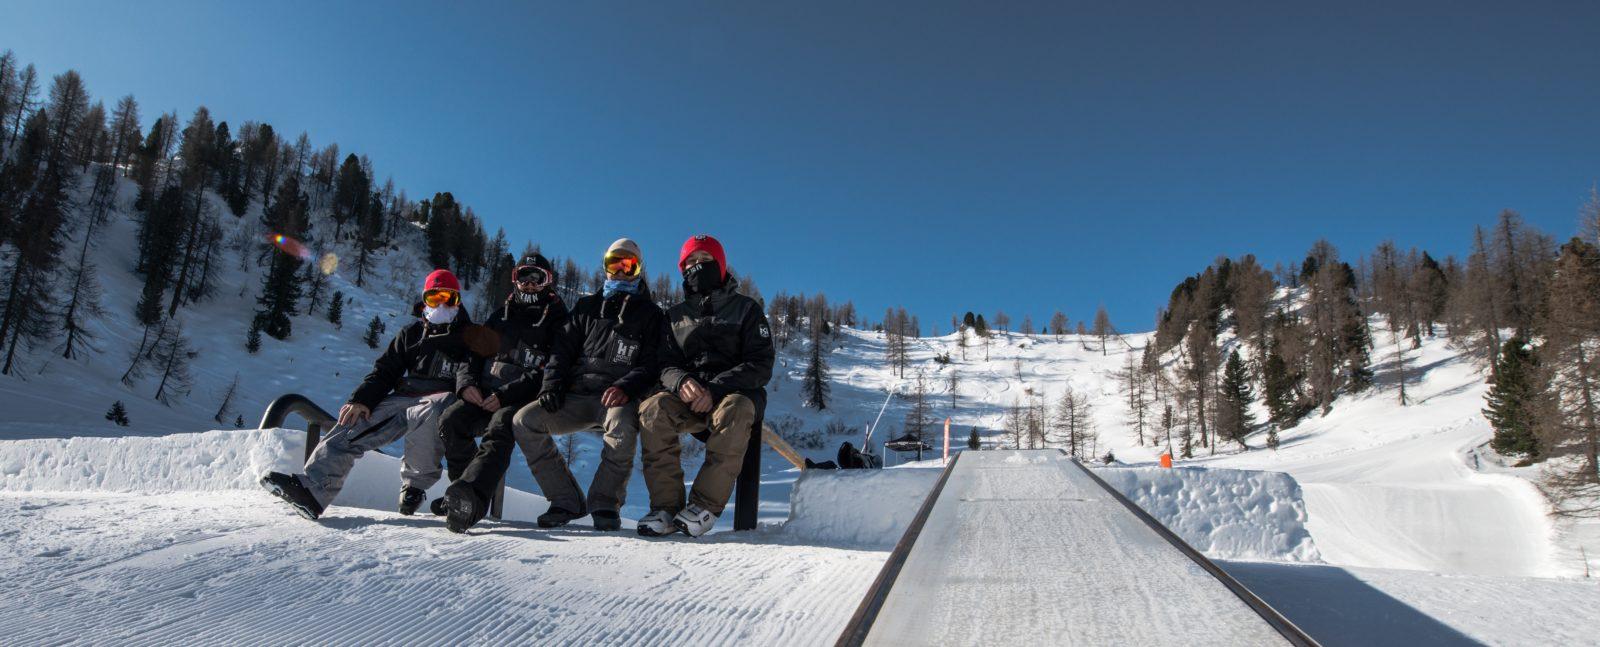 hot-ice-snowboard_1-copia